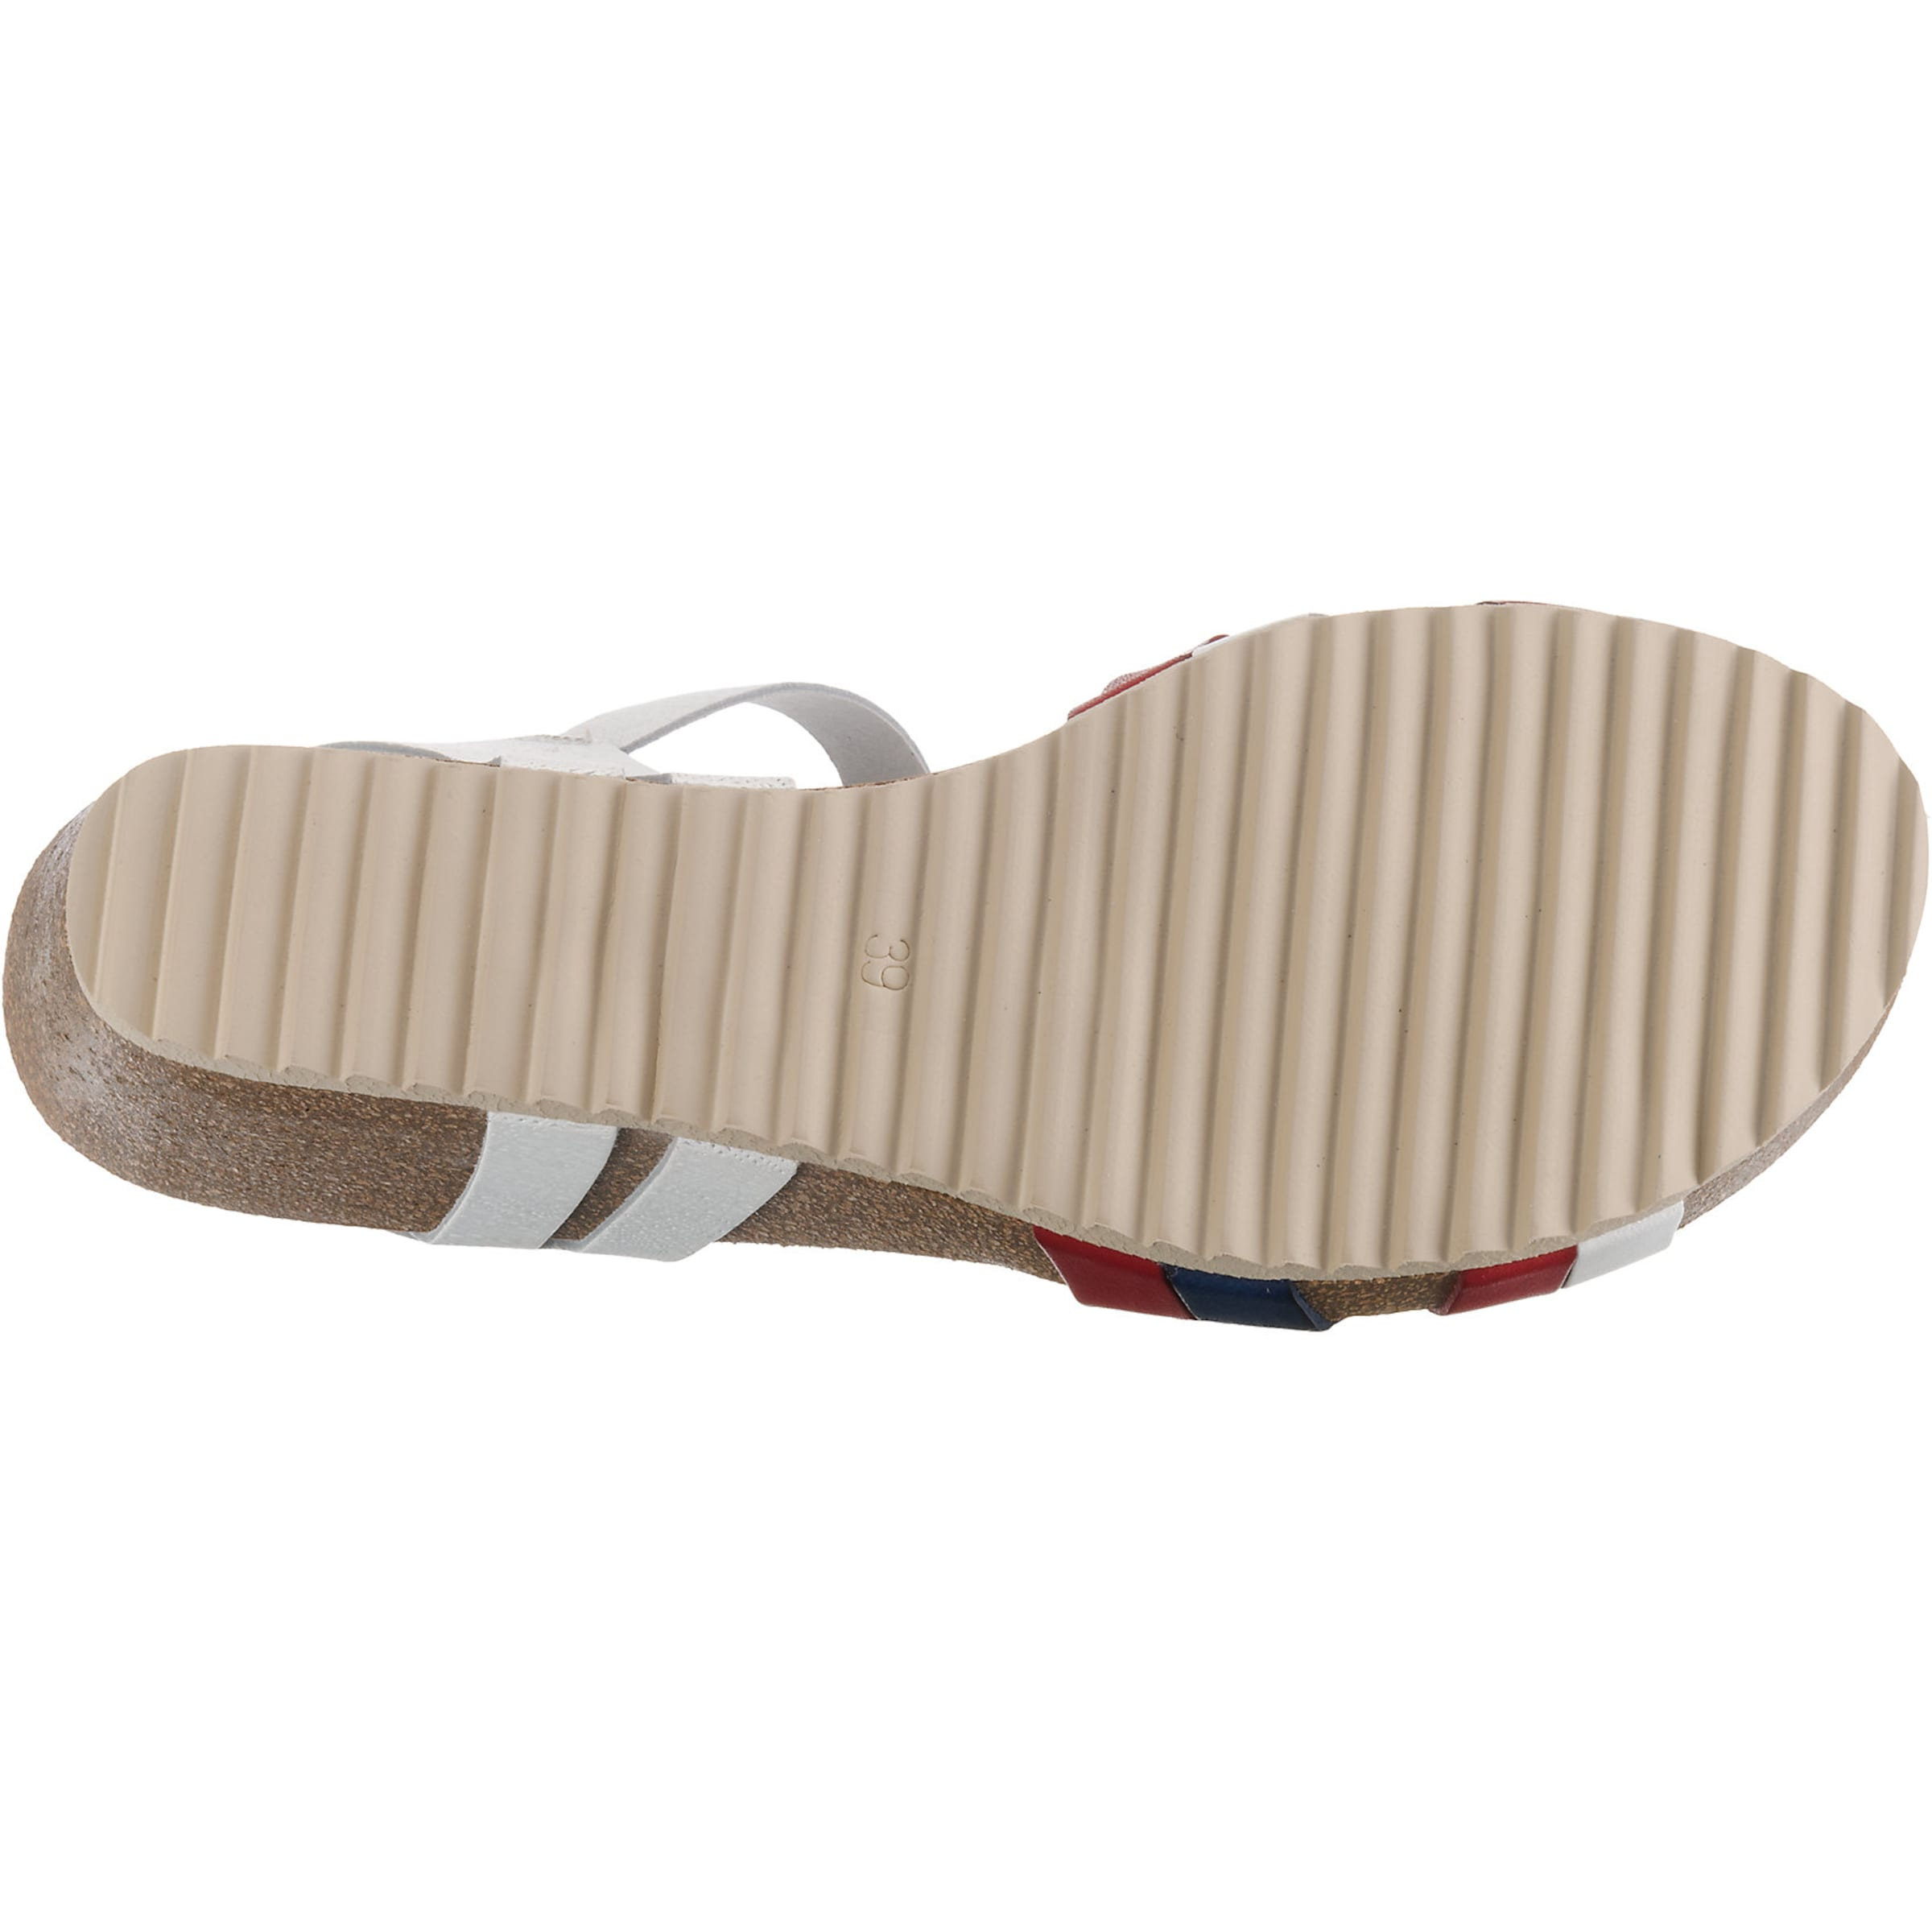 Sandalette In NavyFeuerrot Weiß Paul Vesterbro NwmO8nv0y